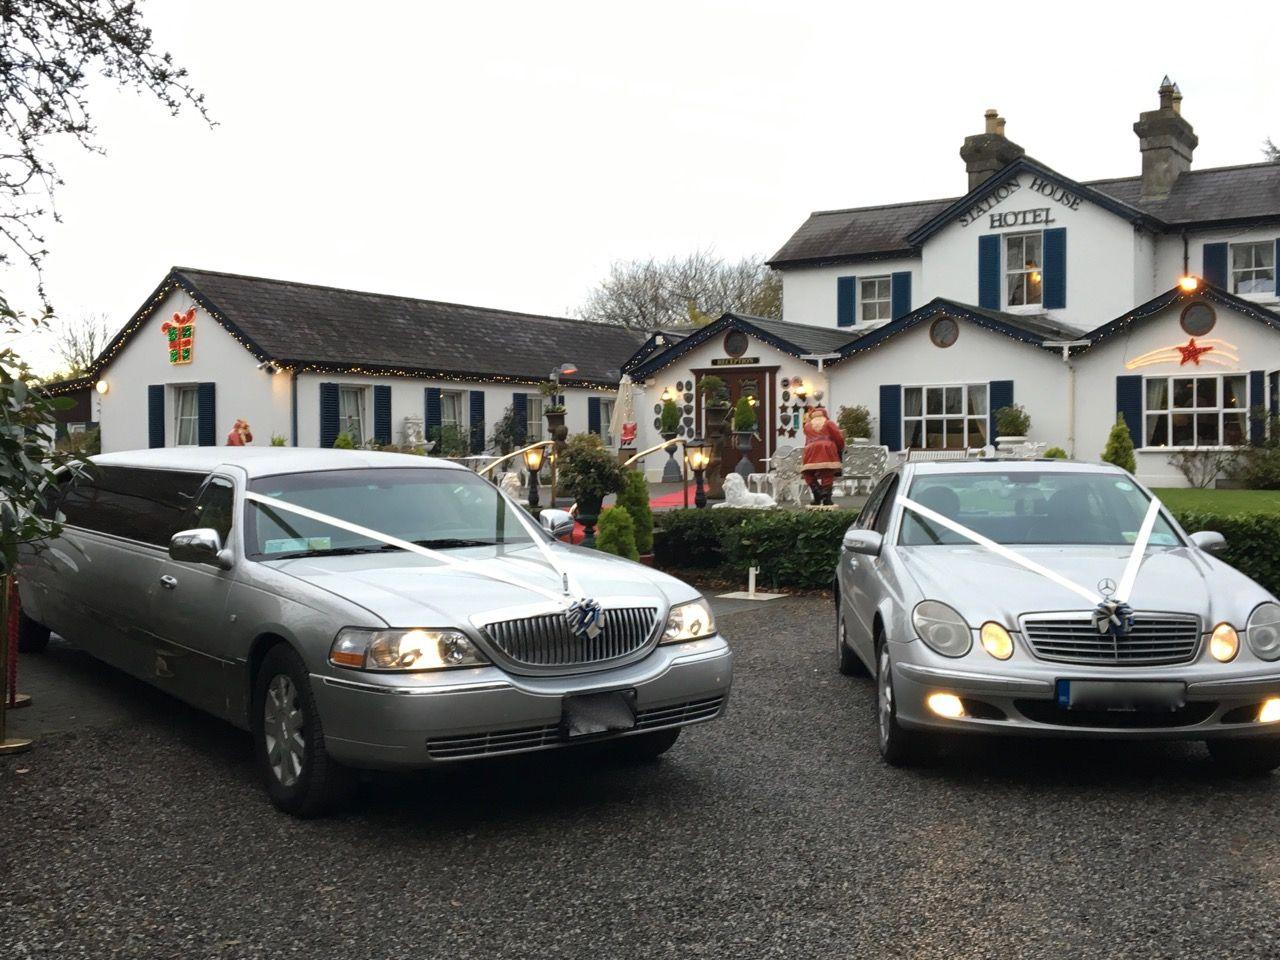 Modern Wedding Cars Ireland Wedding car hire, Wedding